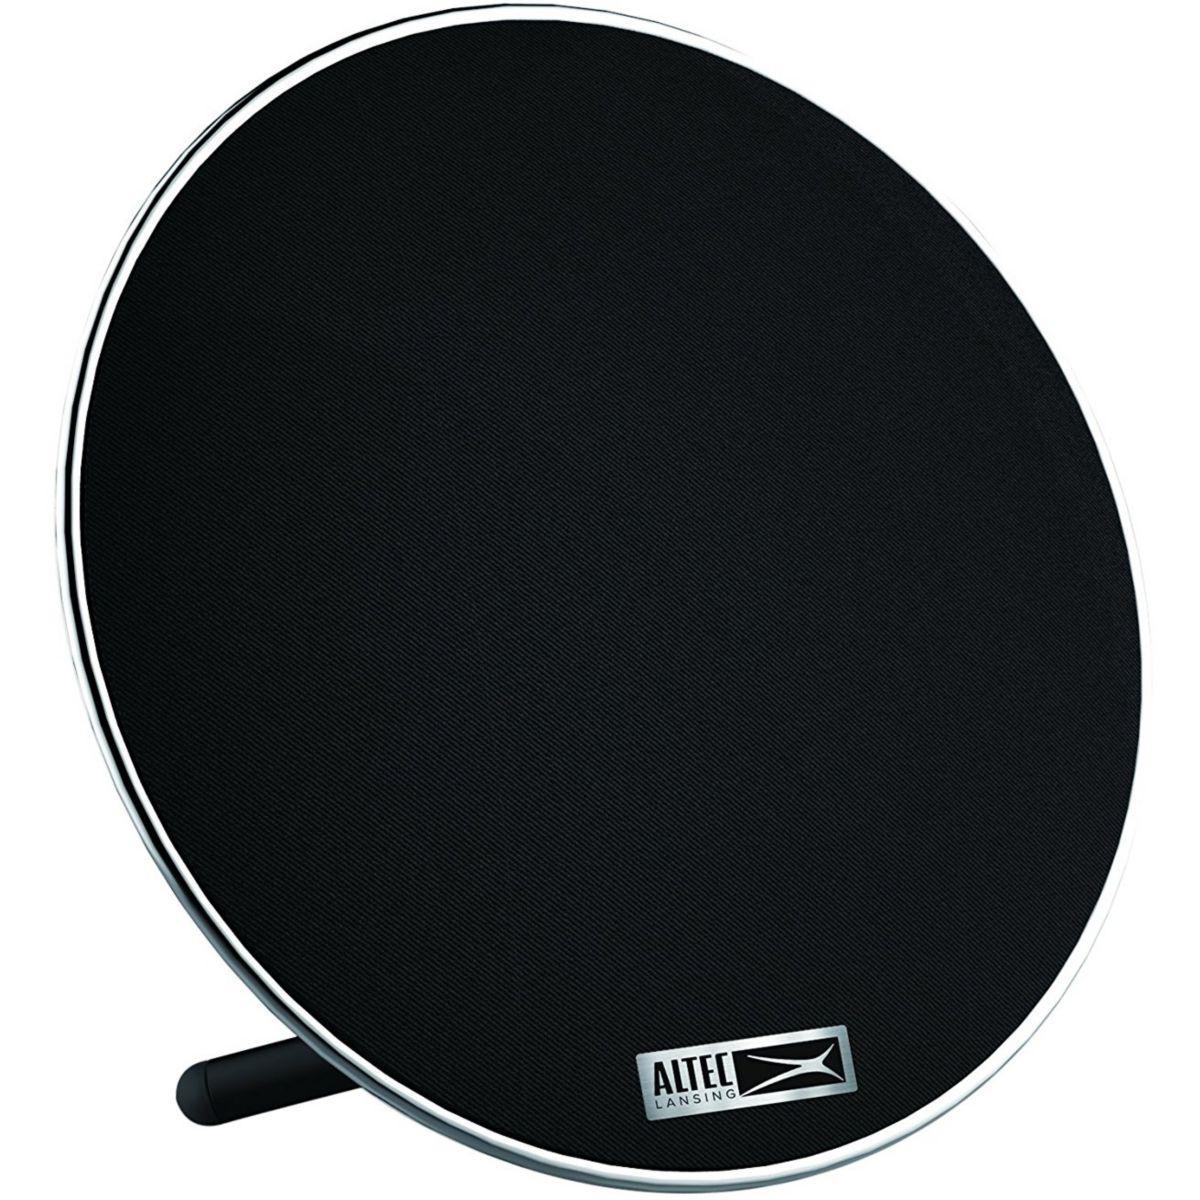 Enceinte pc altec lansing cymbale bluetooth - 15% de remise imm�diate avec le code : deal15 (photo)